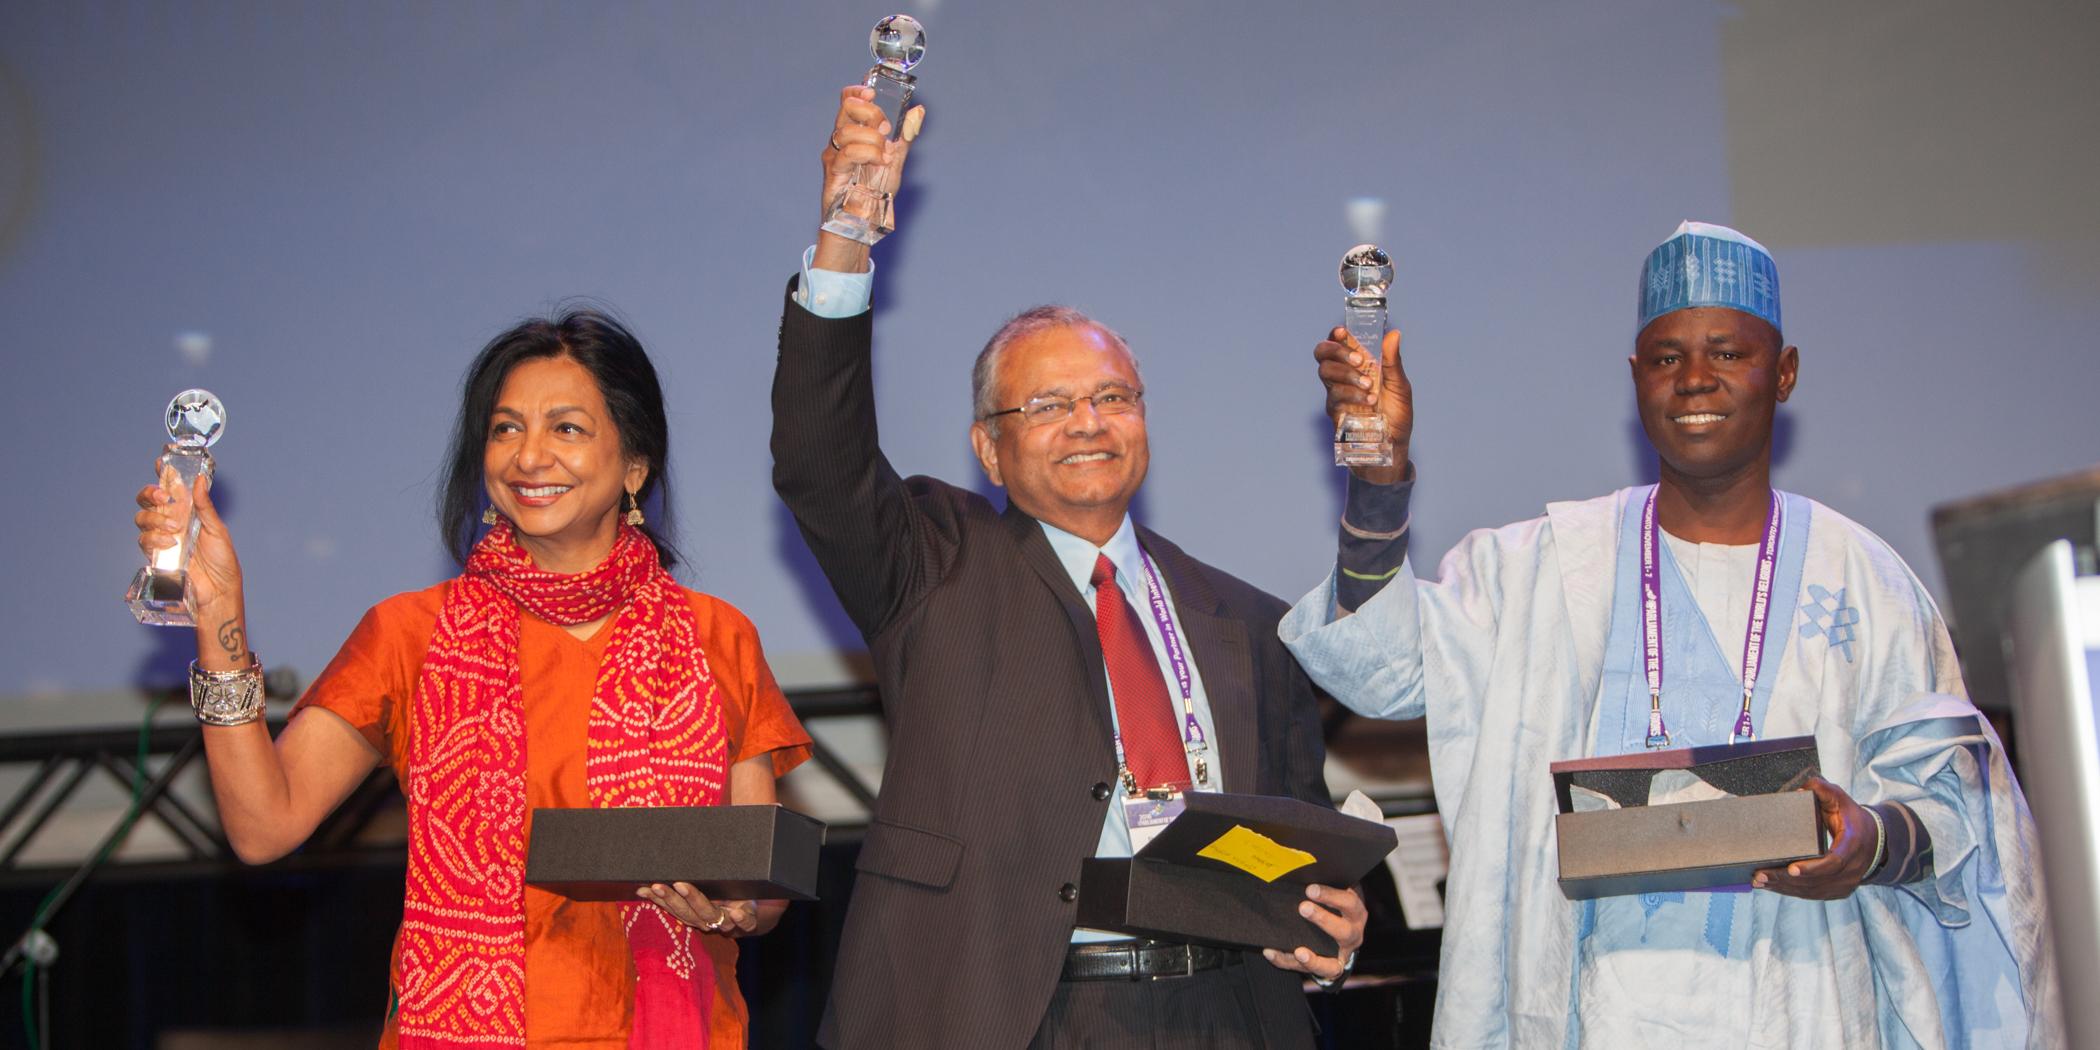 Soraya Deen (L), Shanta Premawardhana (C) and Abare Kallah (R) after receiving the Paul Carus award.